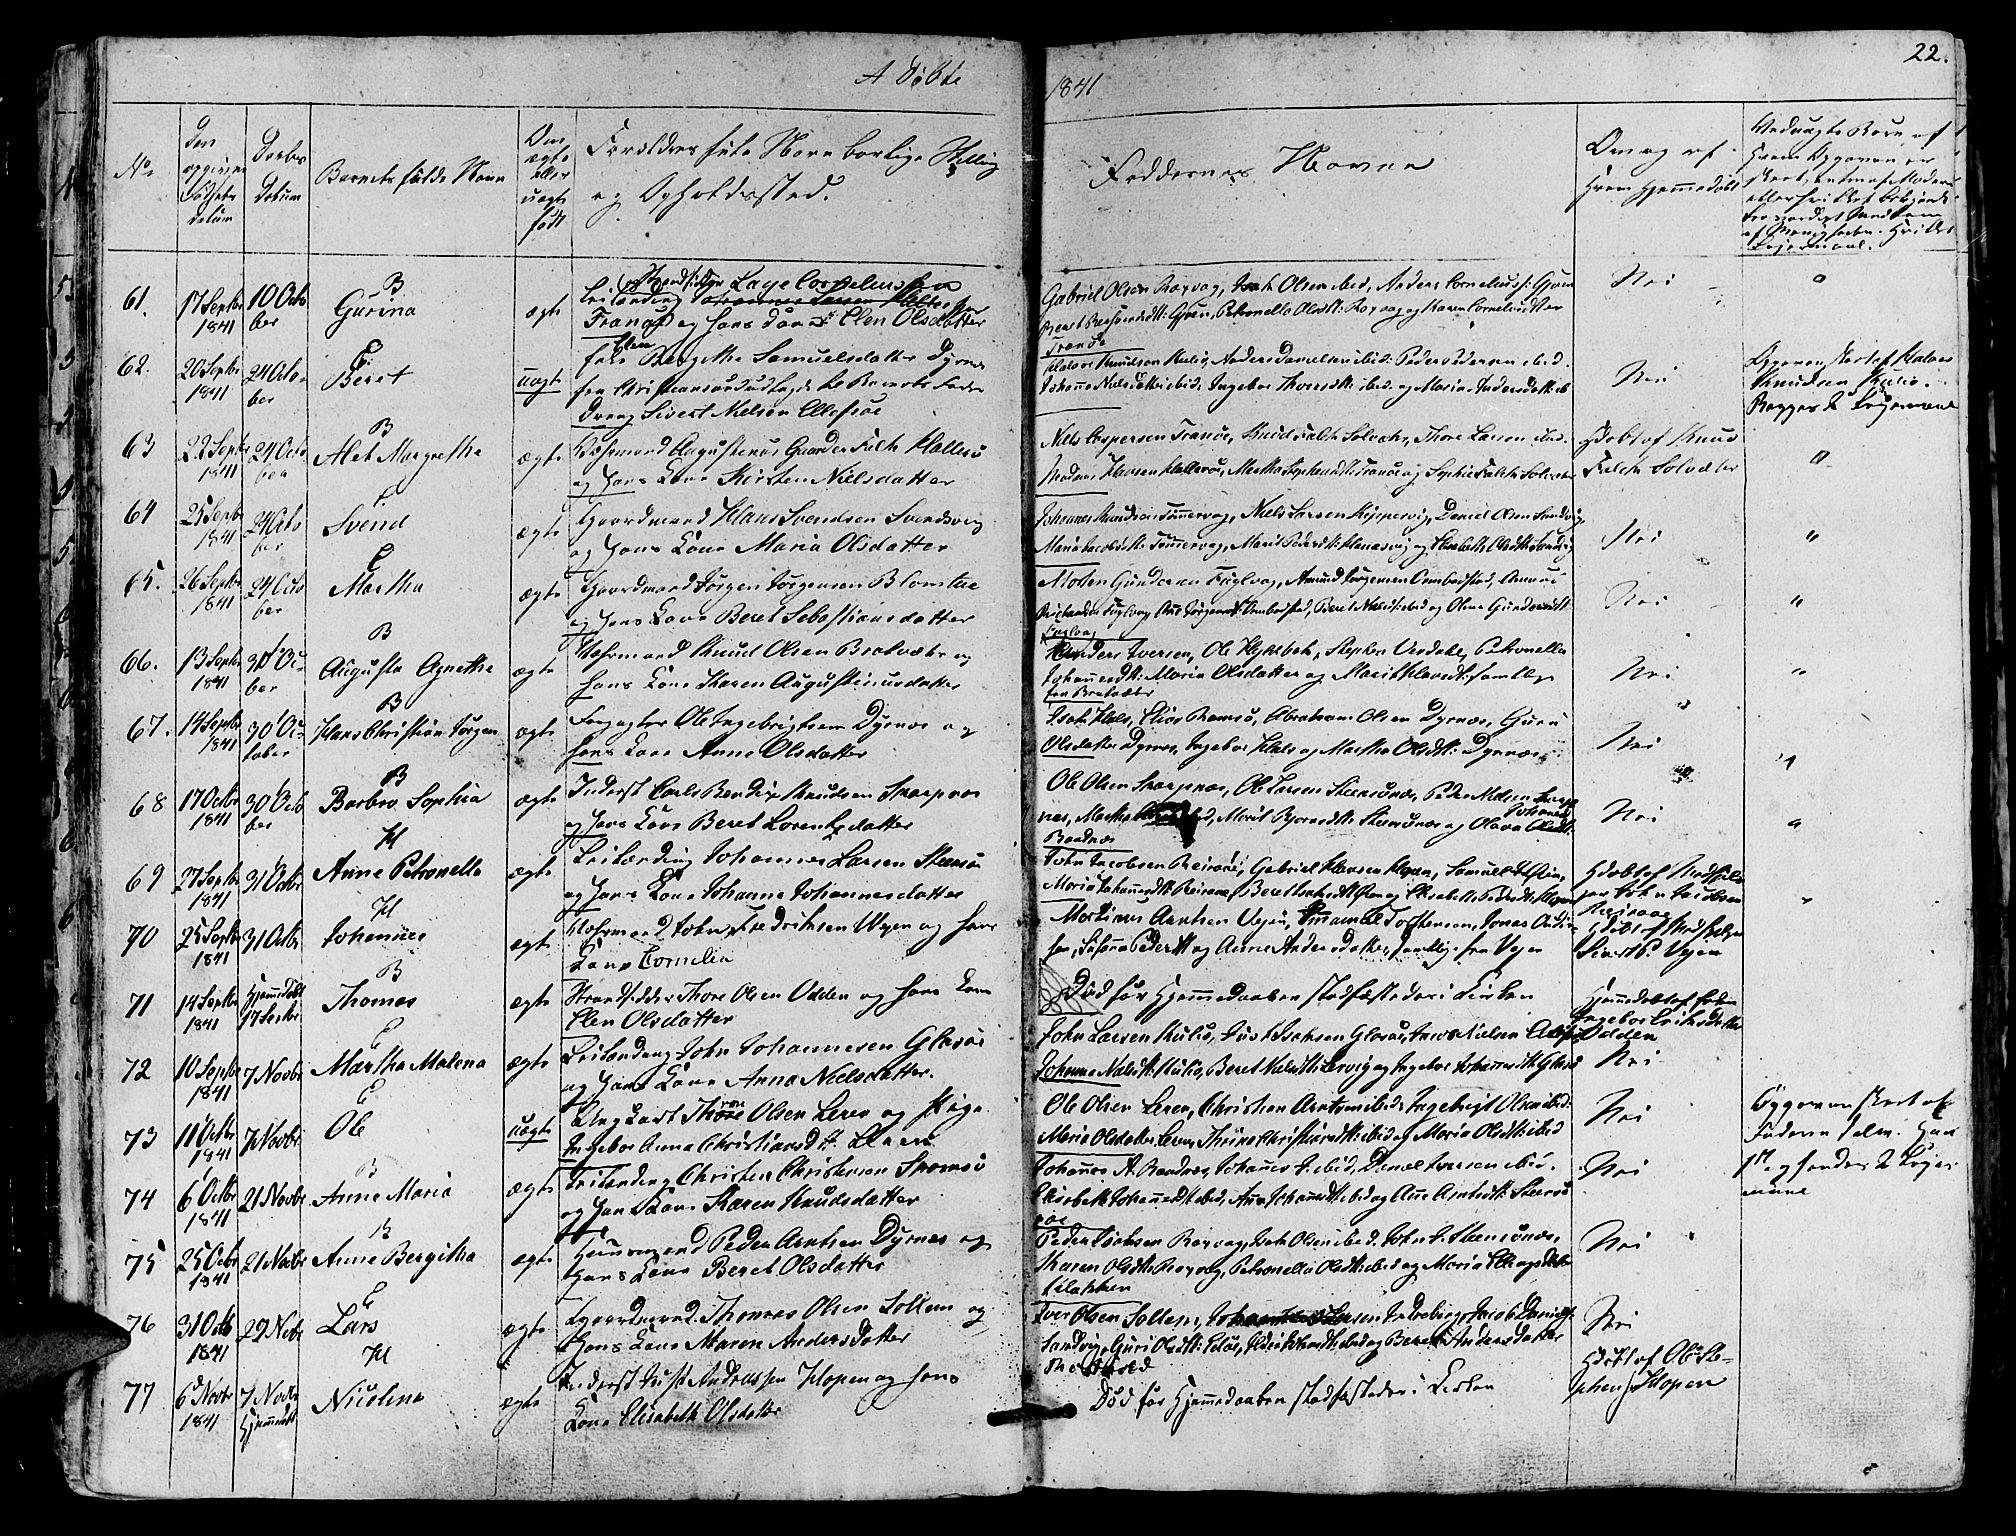 SAT, Ministerialprotokoller, klokkerbøker og fødselsregistre - Møre og Romsdal, 581/L0936: Ministerialbok nr. 581A04, 1836-1852, s. 22